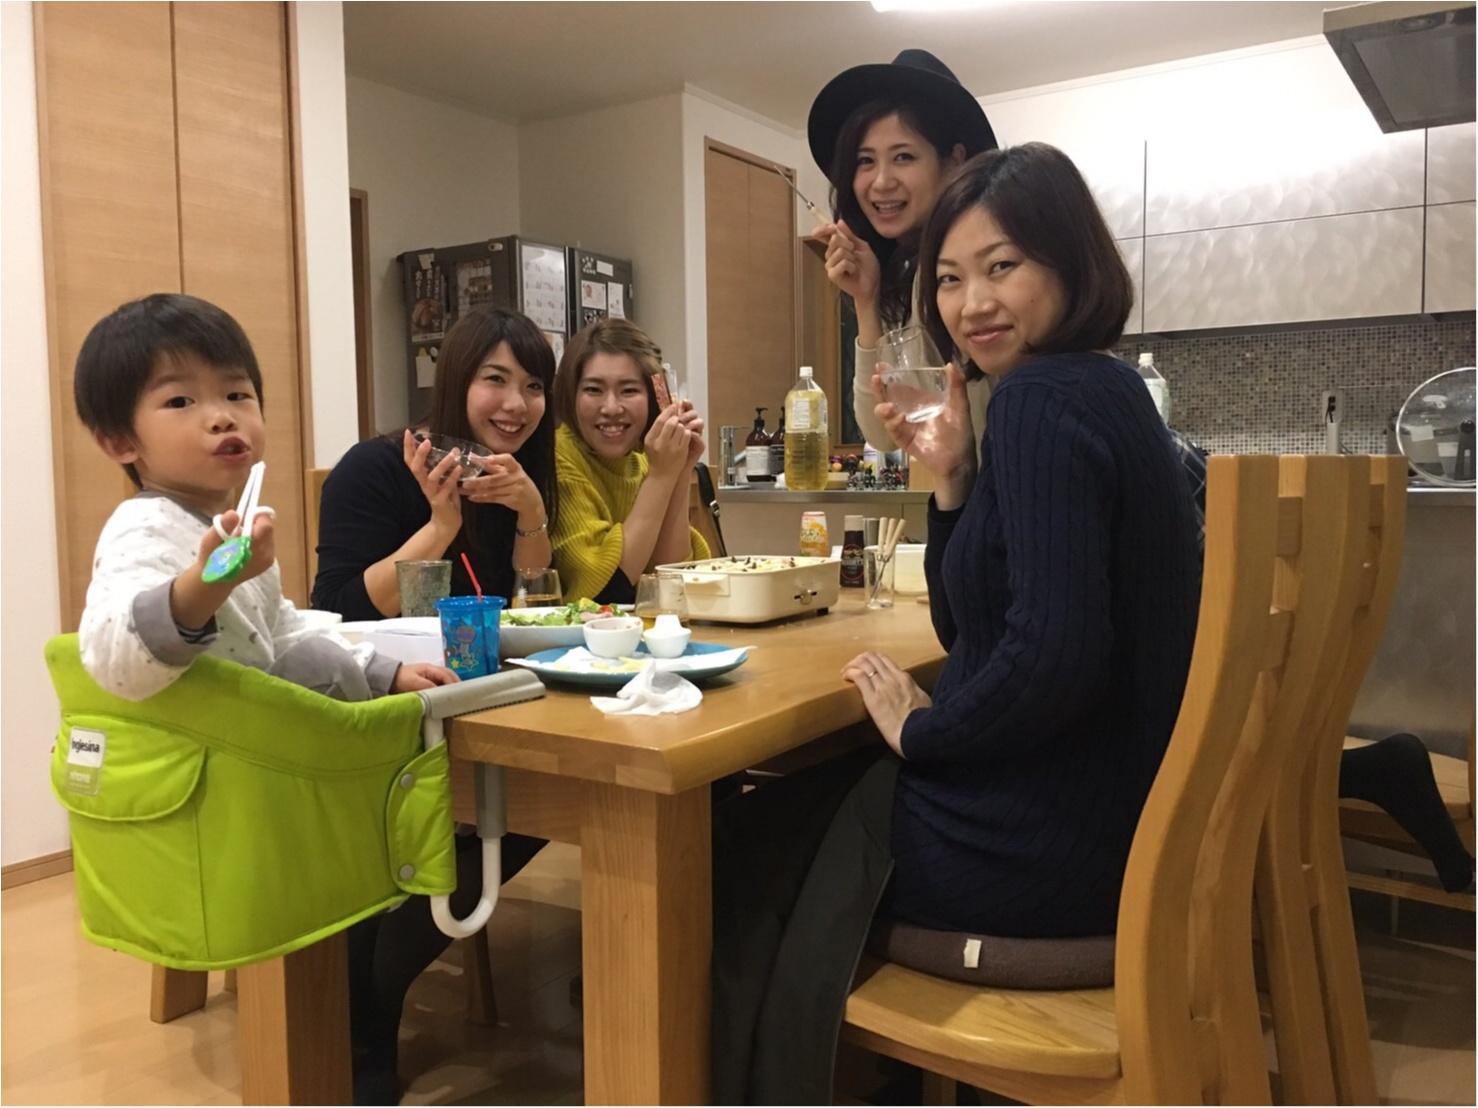 SNS映え間違いなし☆家で集まる機会が多い年末年始におすすめの〇〇パーティー_5